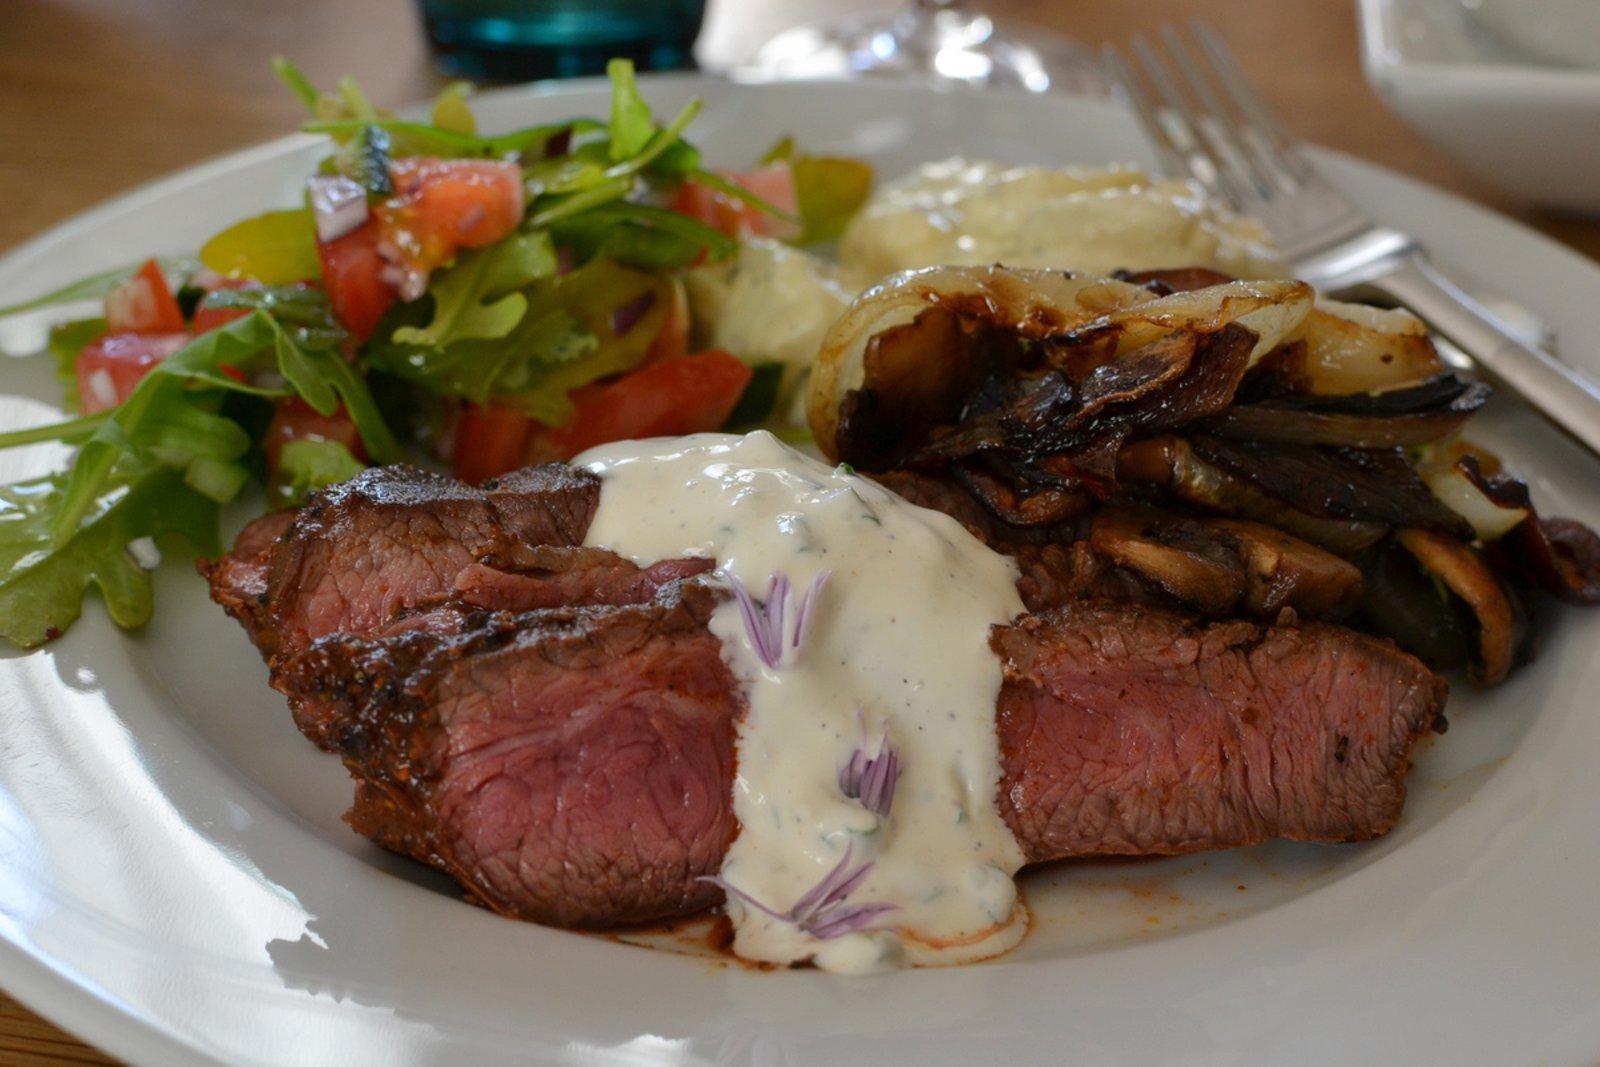 steak bon appetit!